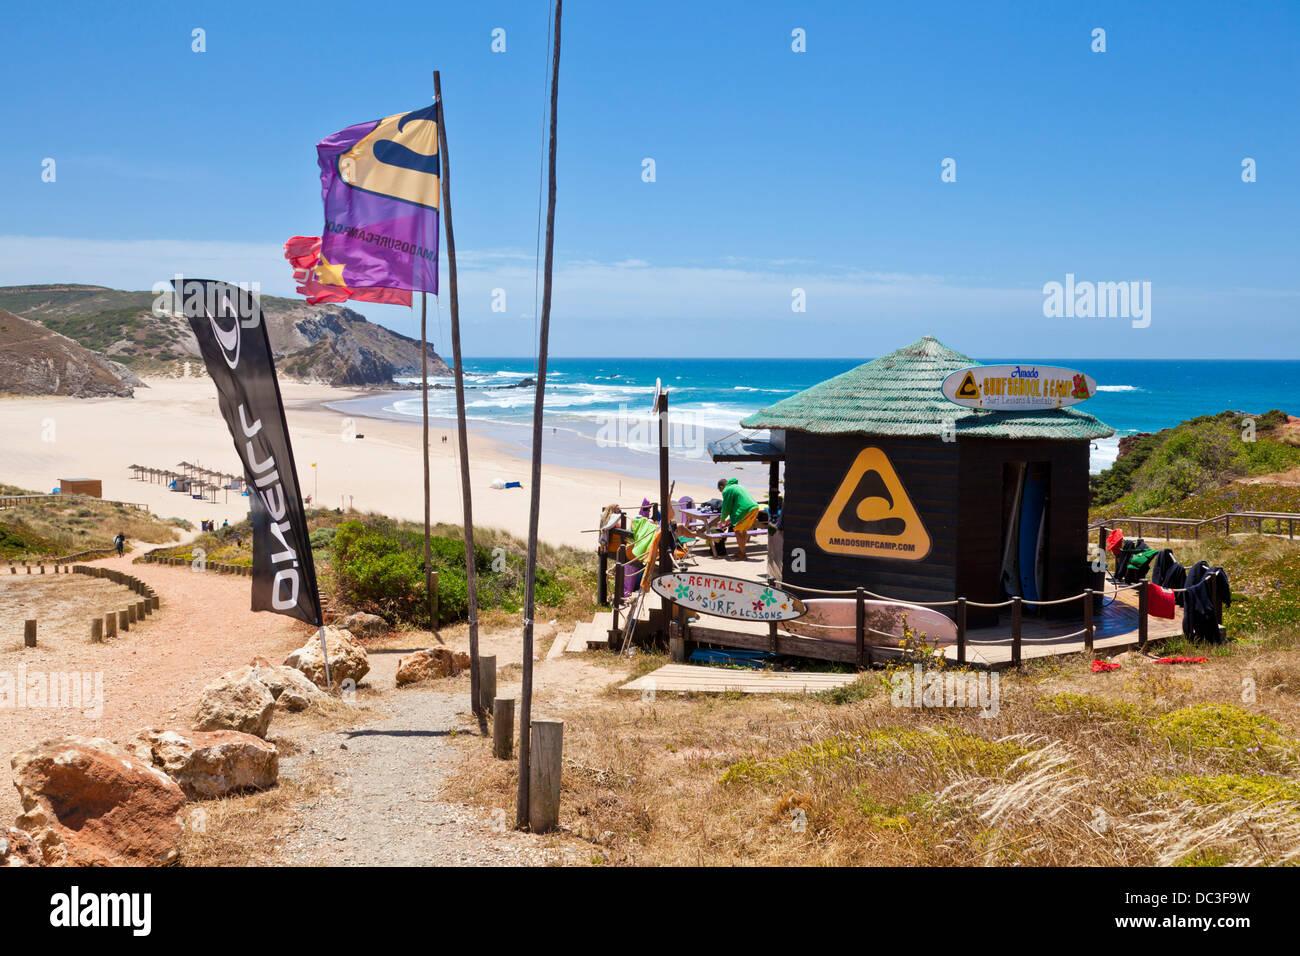 Surf Shop au-dessus de la plage Costa Vincentina Amado ouest du parc national de la côte de l'Algarve Portugal Photo Stock